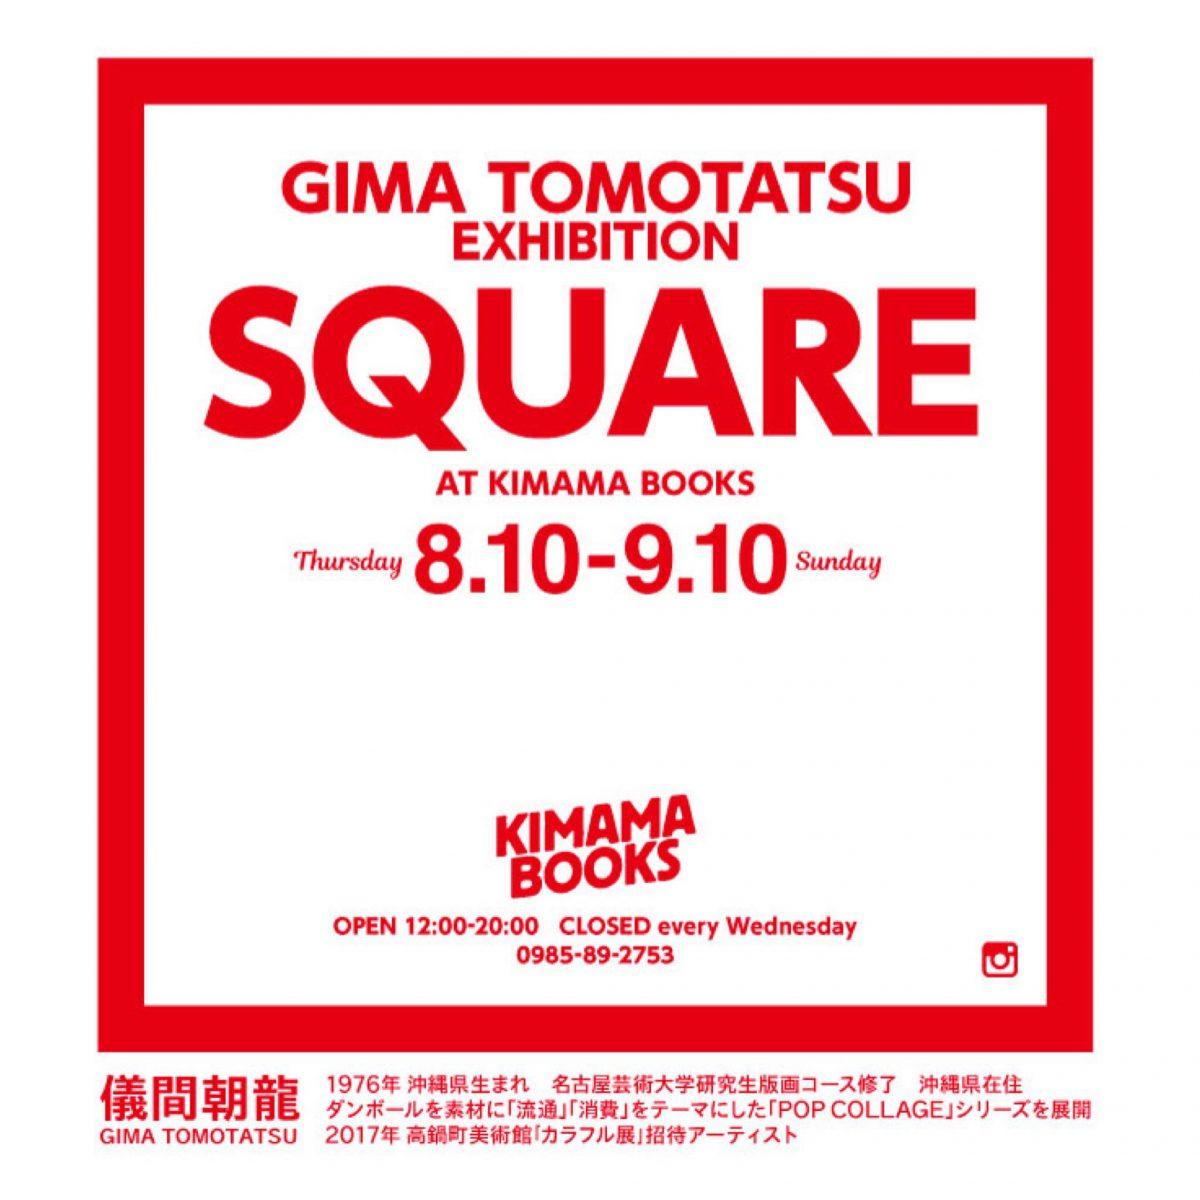 gima tomotatsu exhibition